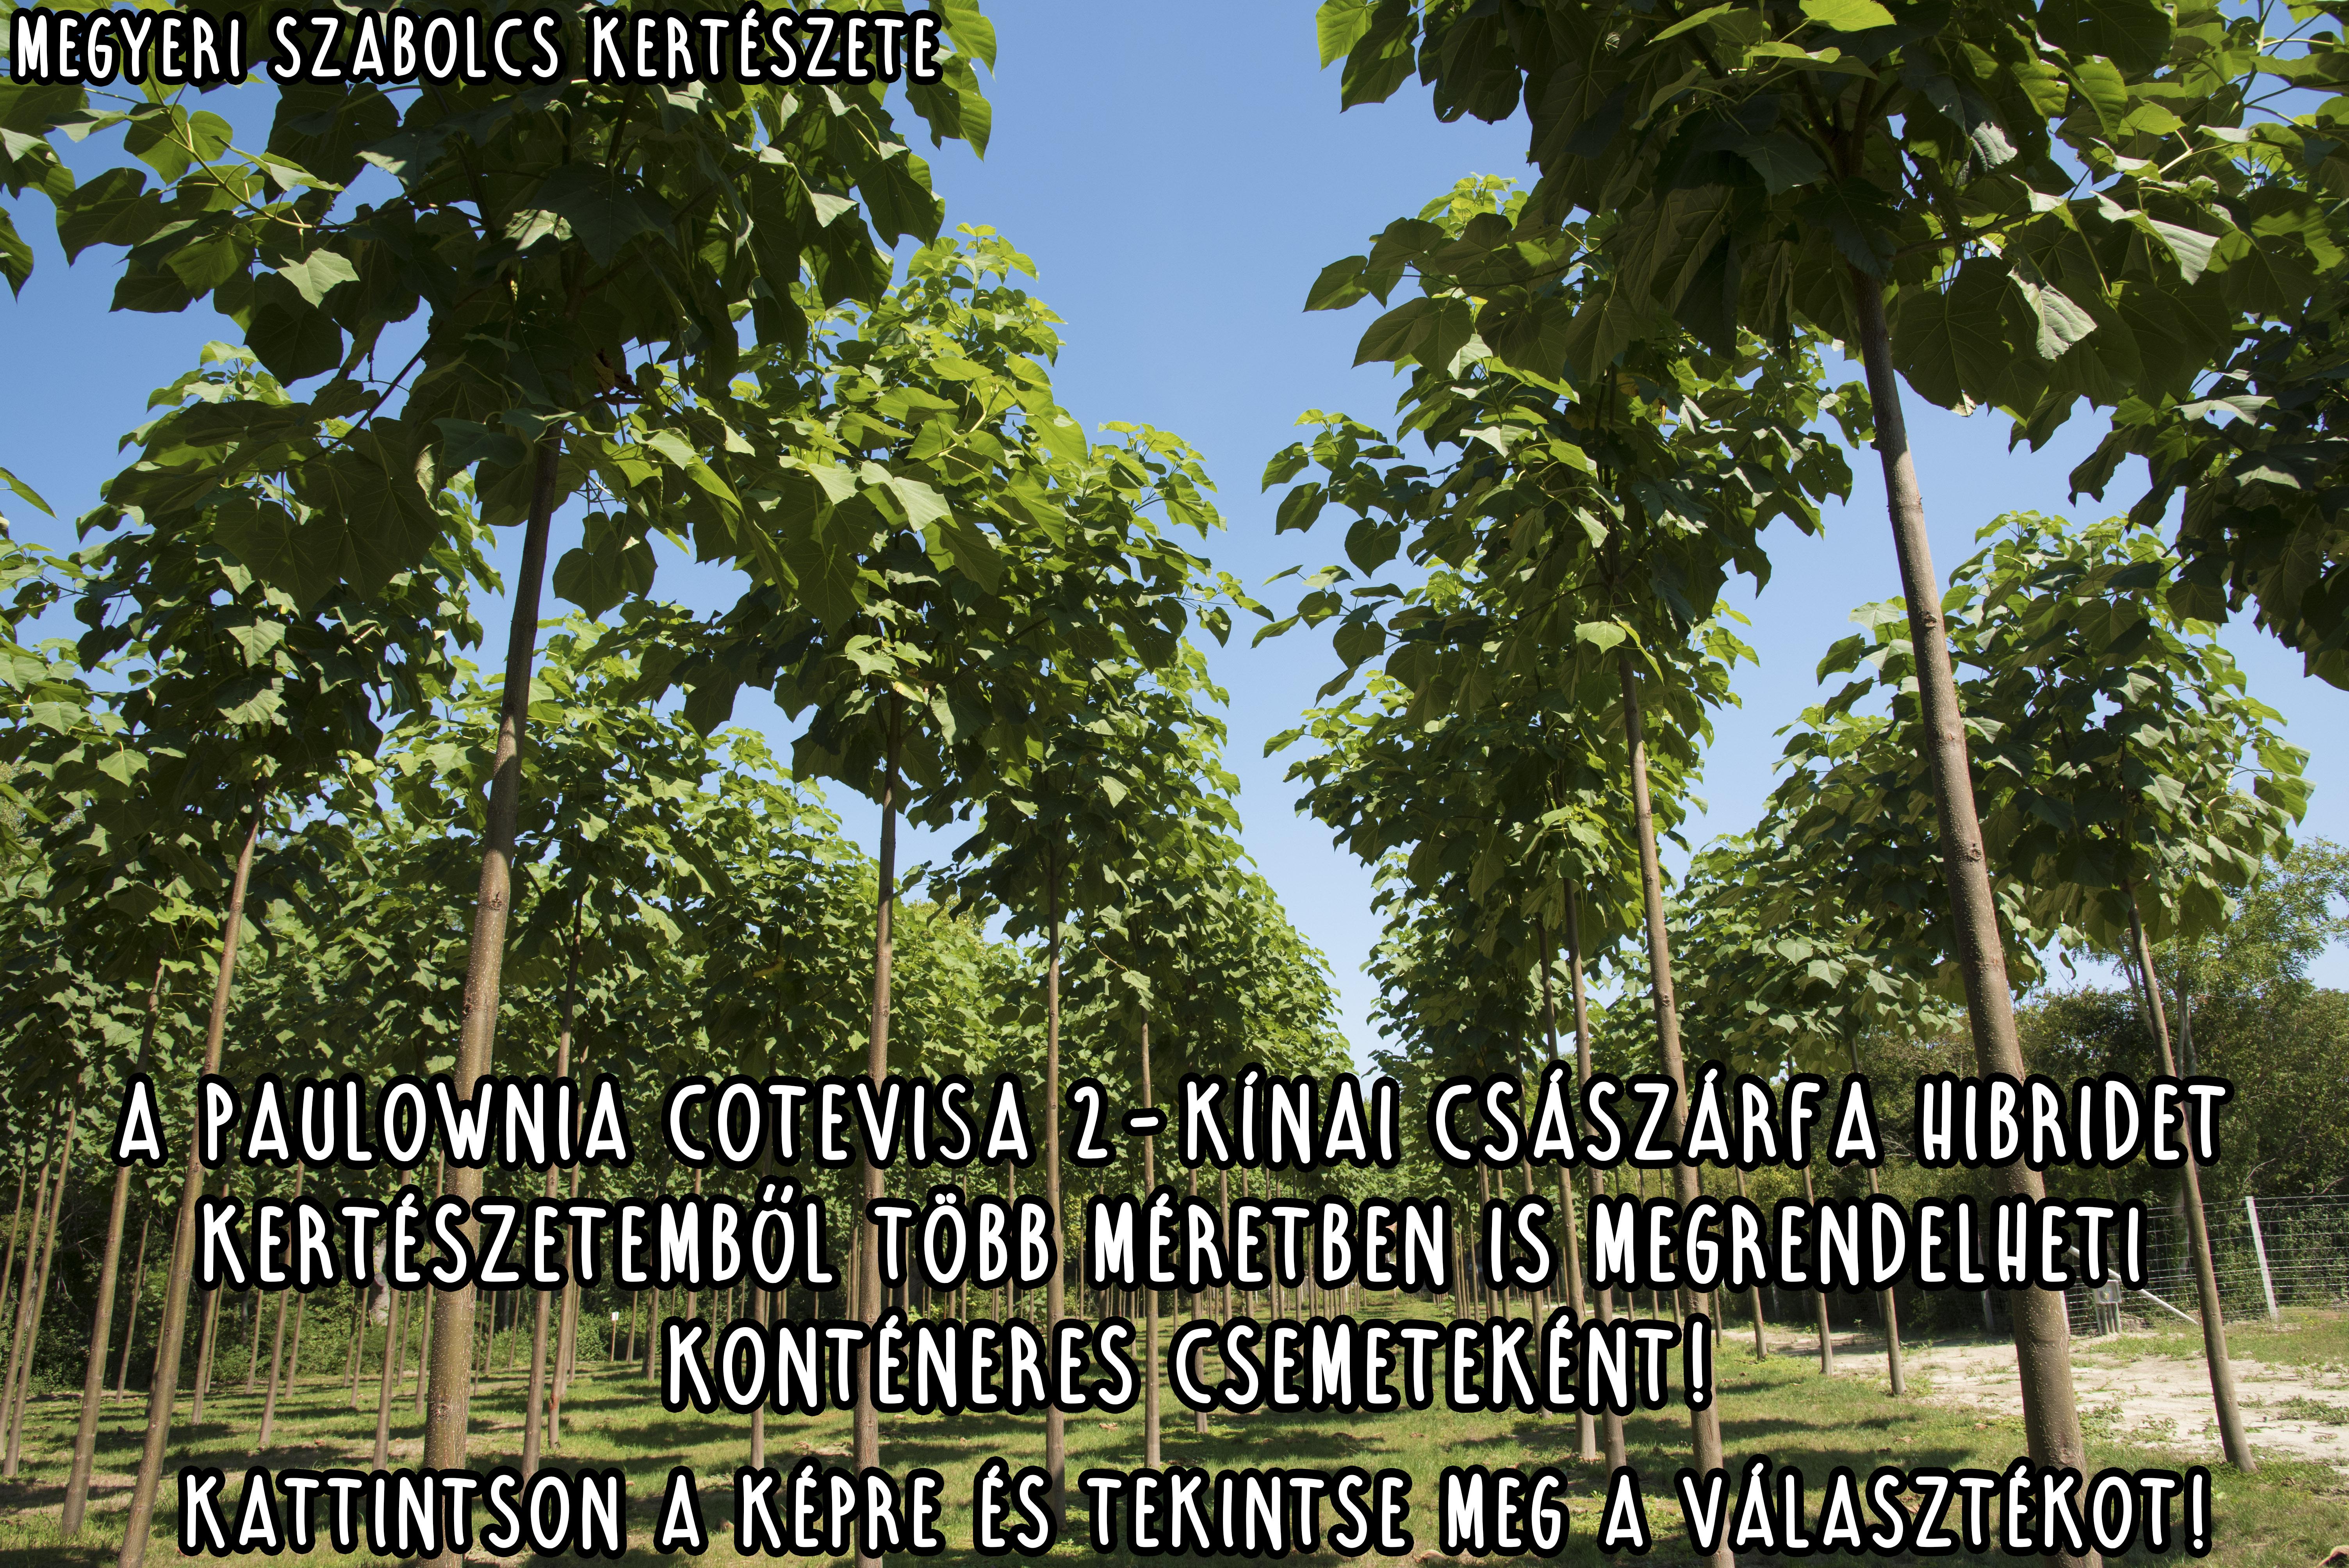 Paulownia Cotevisa2 - Fagytűrő császárfa rendelése